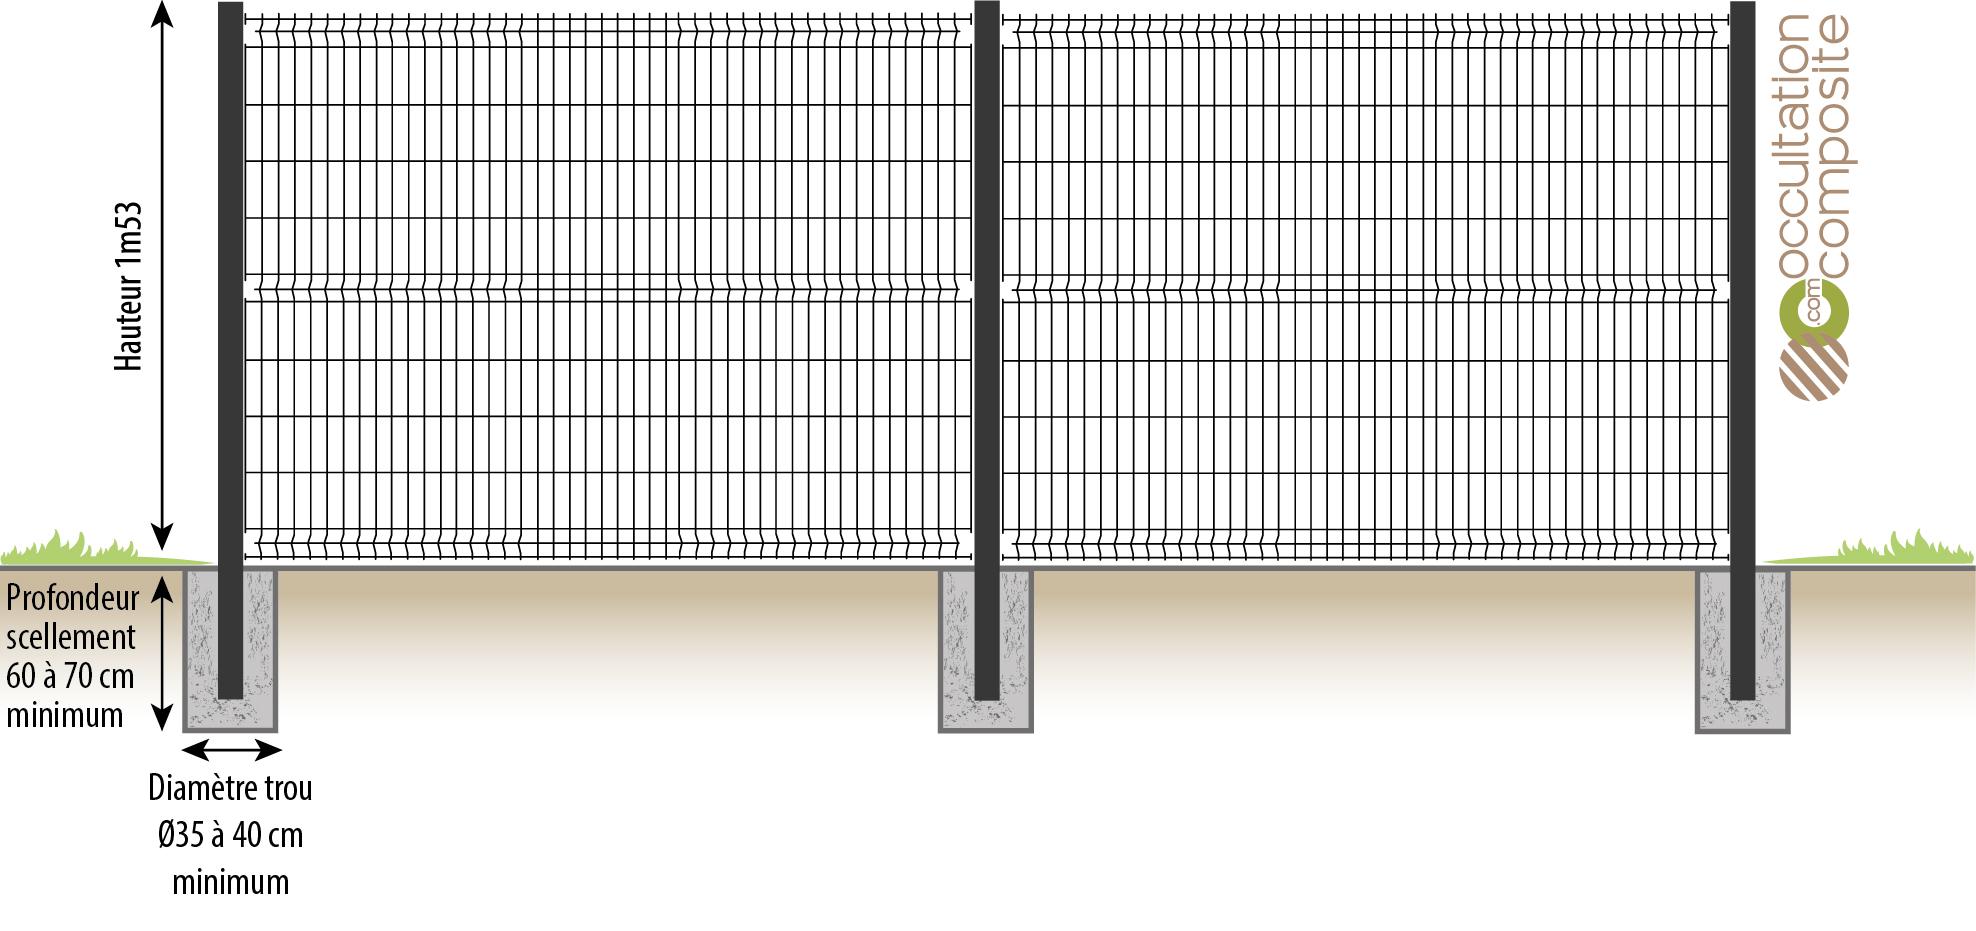 Profondeur de scellement des poteaux de clôture